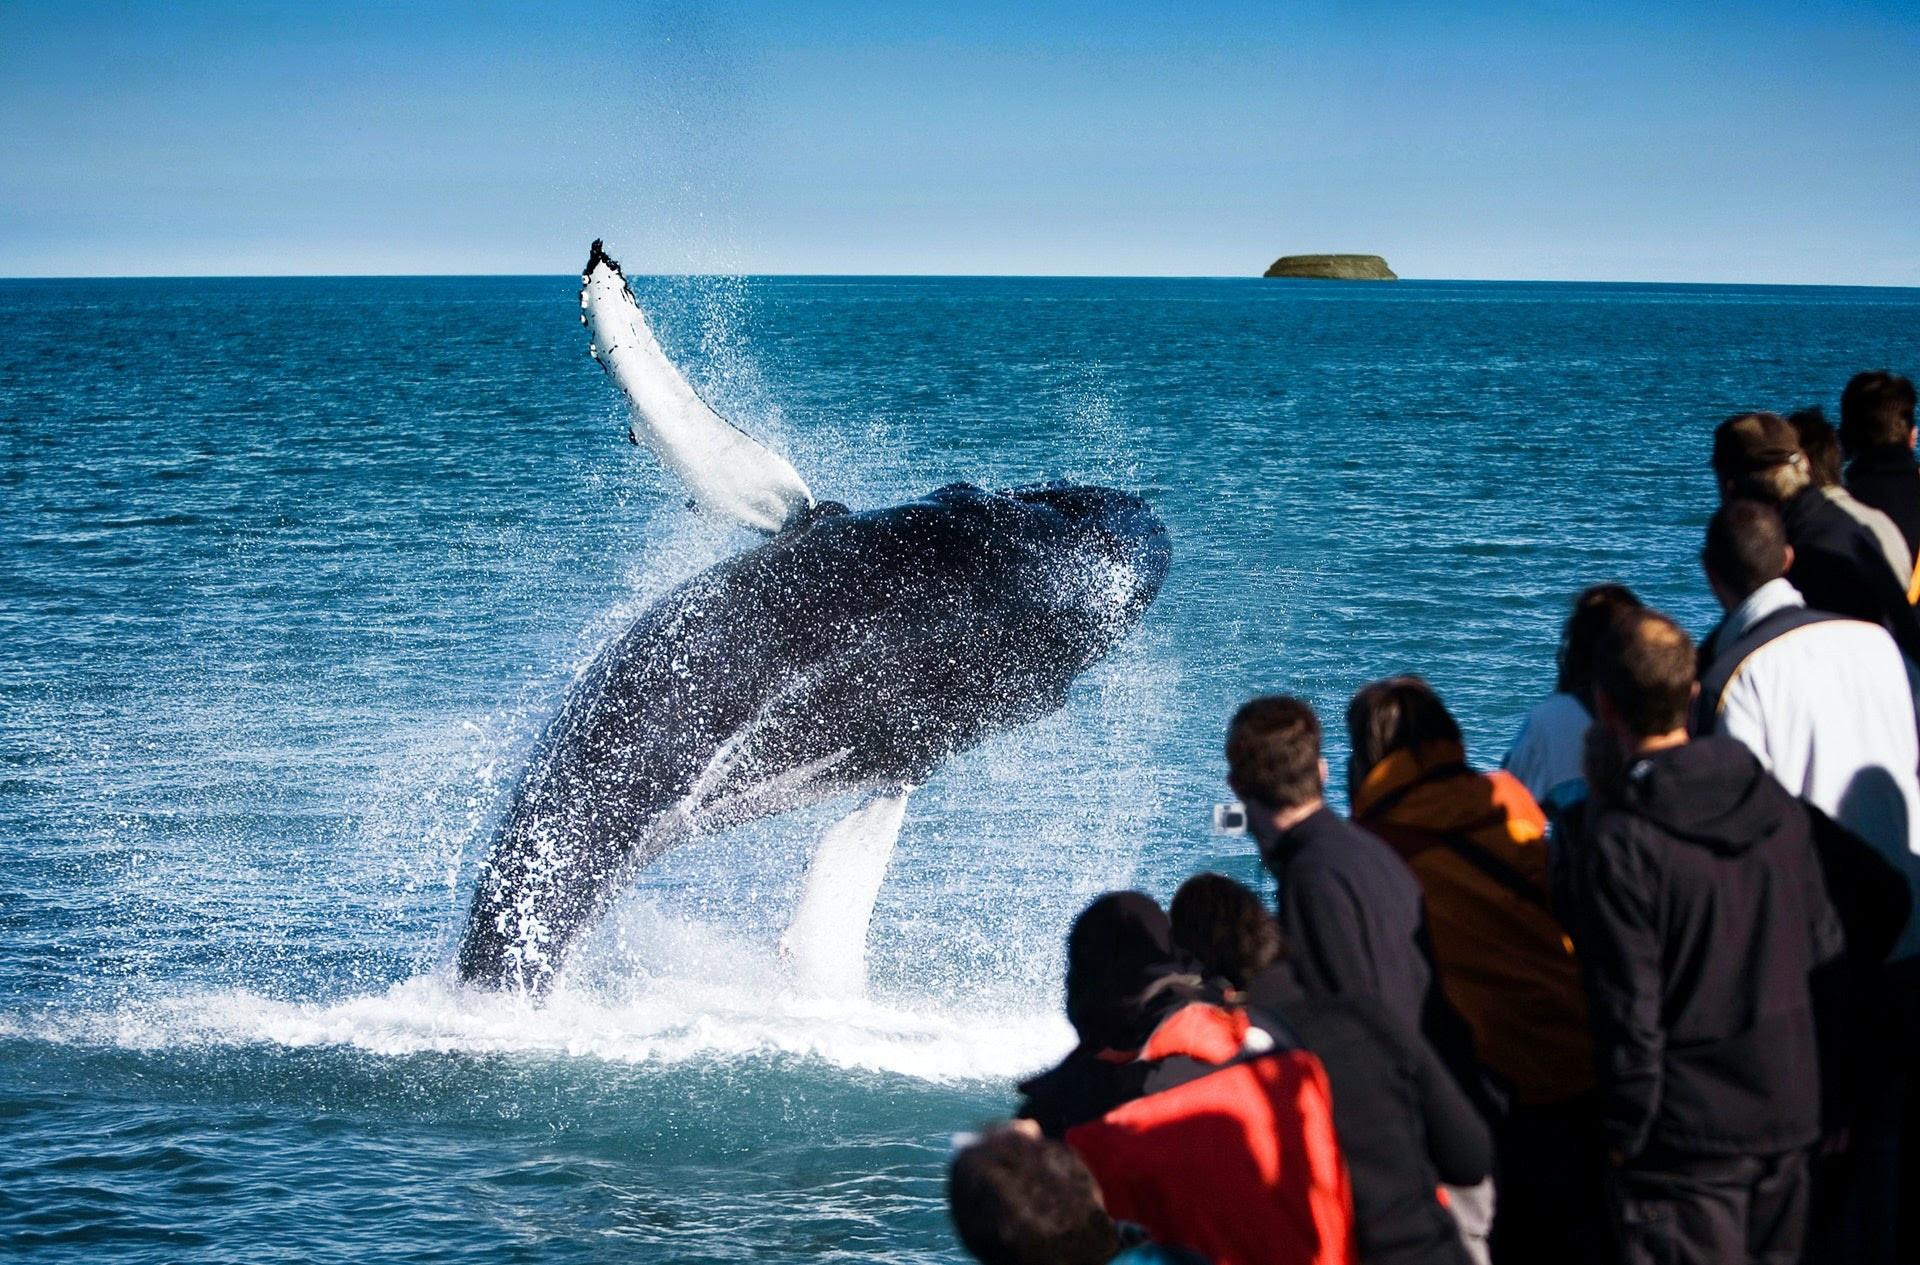 Tour độc đáo ngắm cá voi bảo vệ môi trường ở Iceland - 8